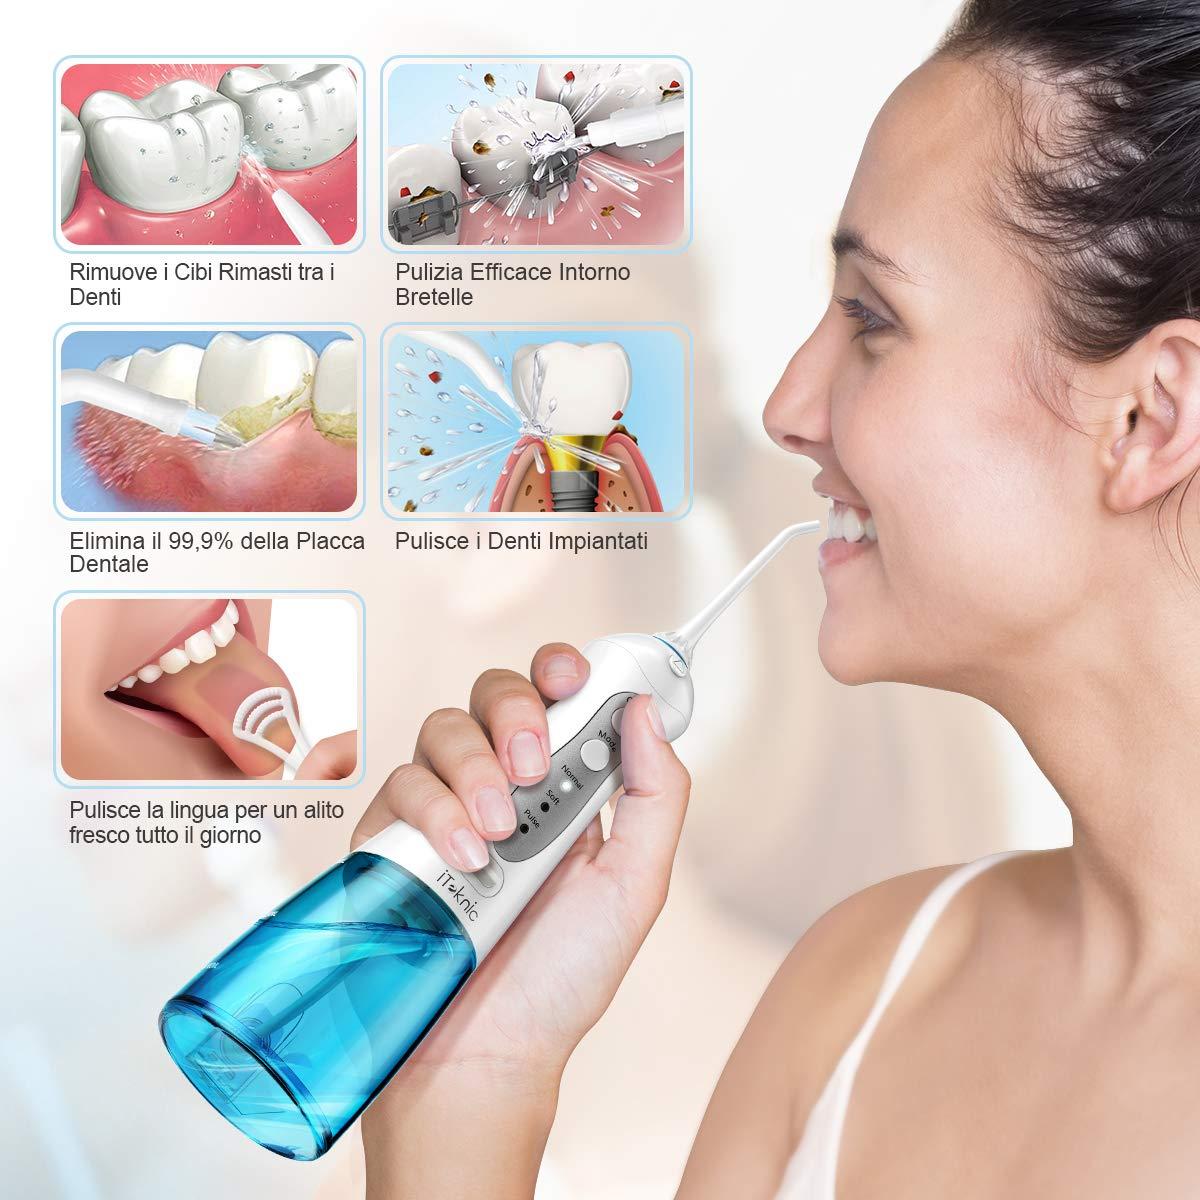 Idropulsore Dentale Portatile da 300ml, iTeknic Idropulsore Orale Portatile Ricaricabile USB Professionale Idrogetto Portatile con 3 Modalità 4 Beccucci per Pulizia Dentale Igiene Dentale